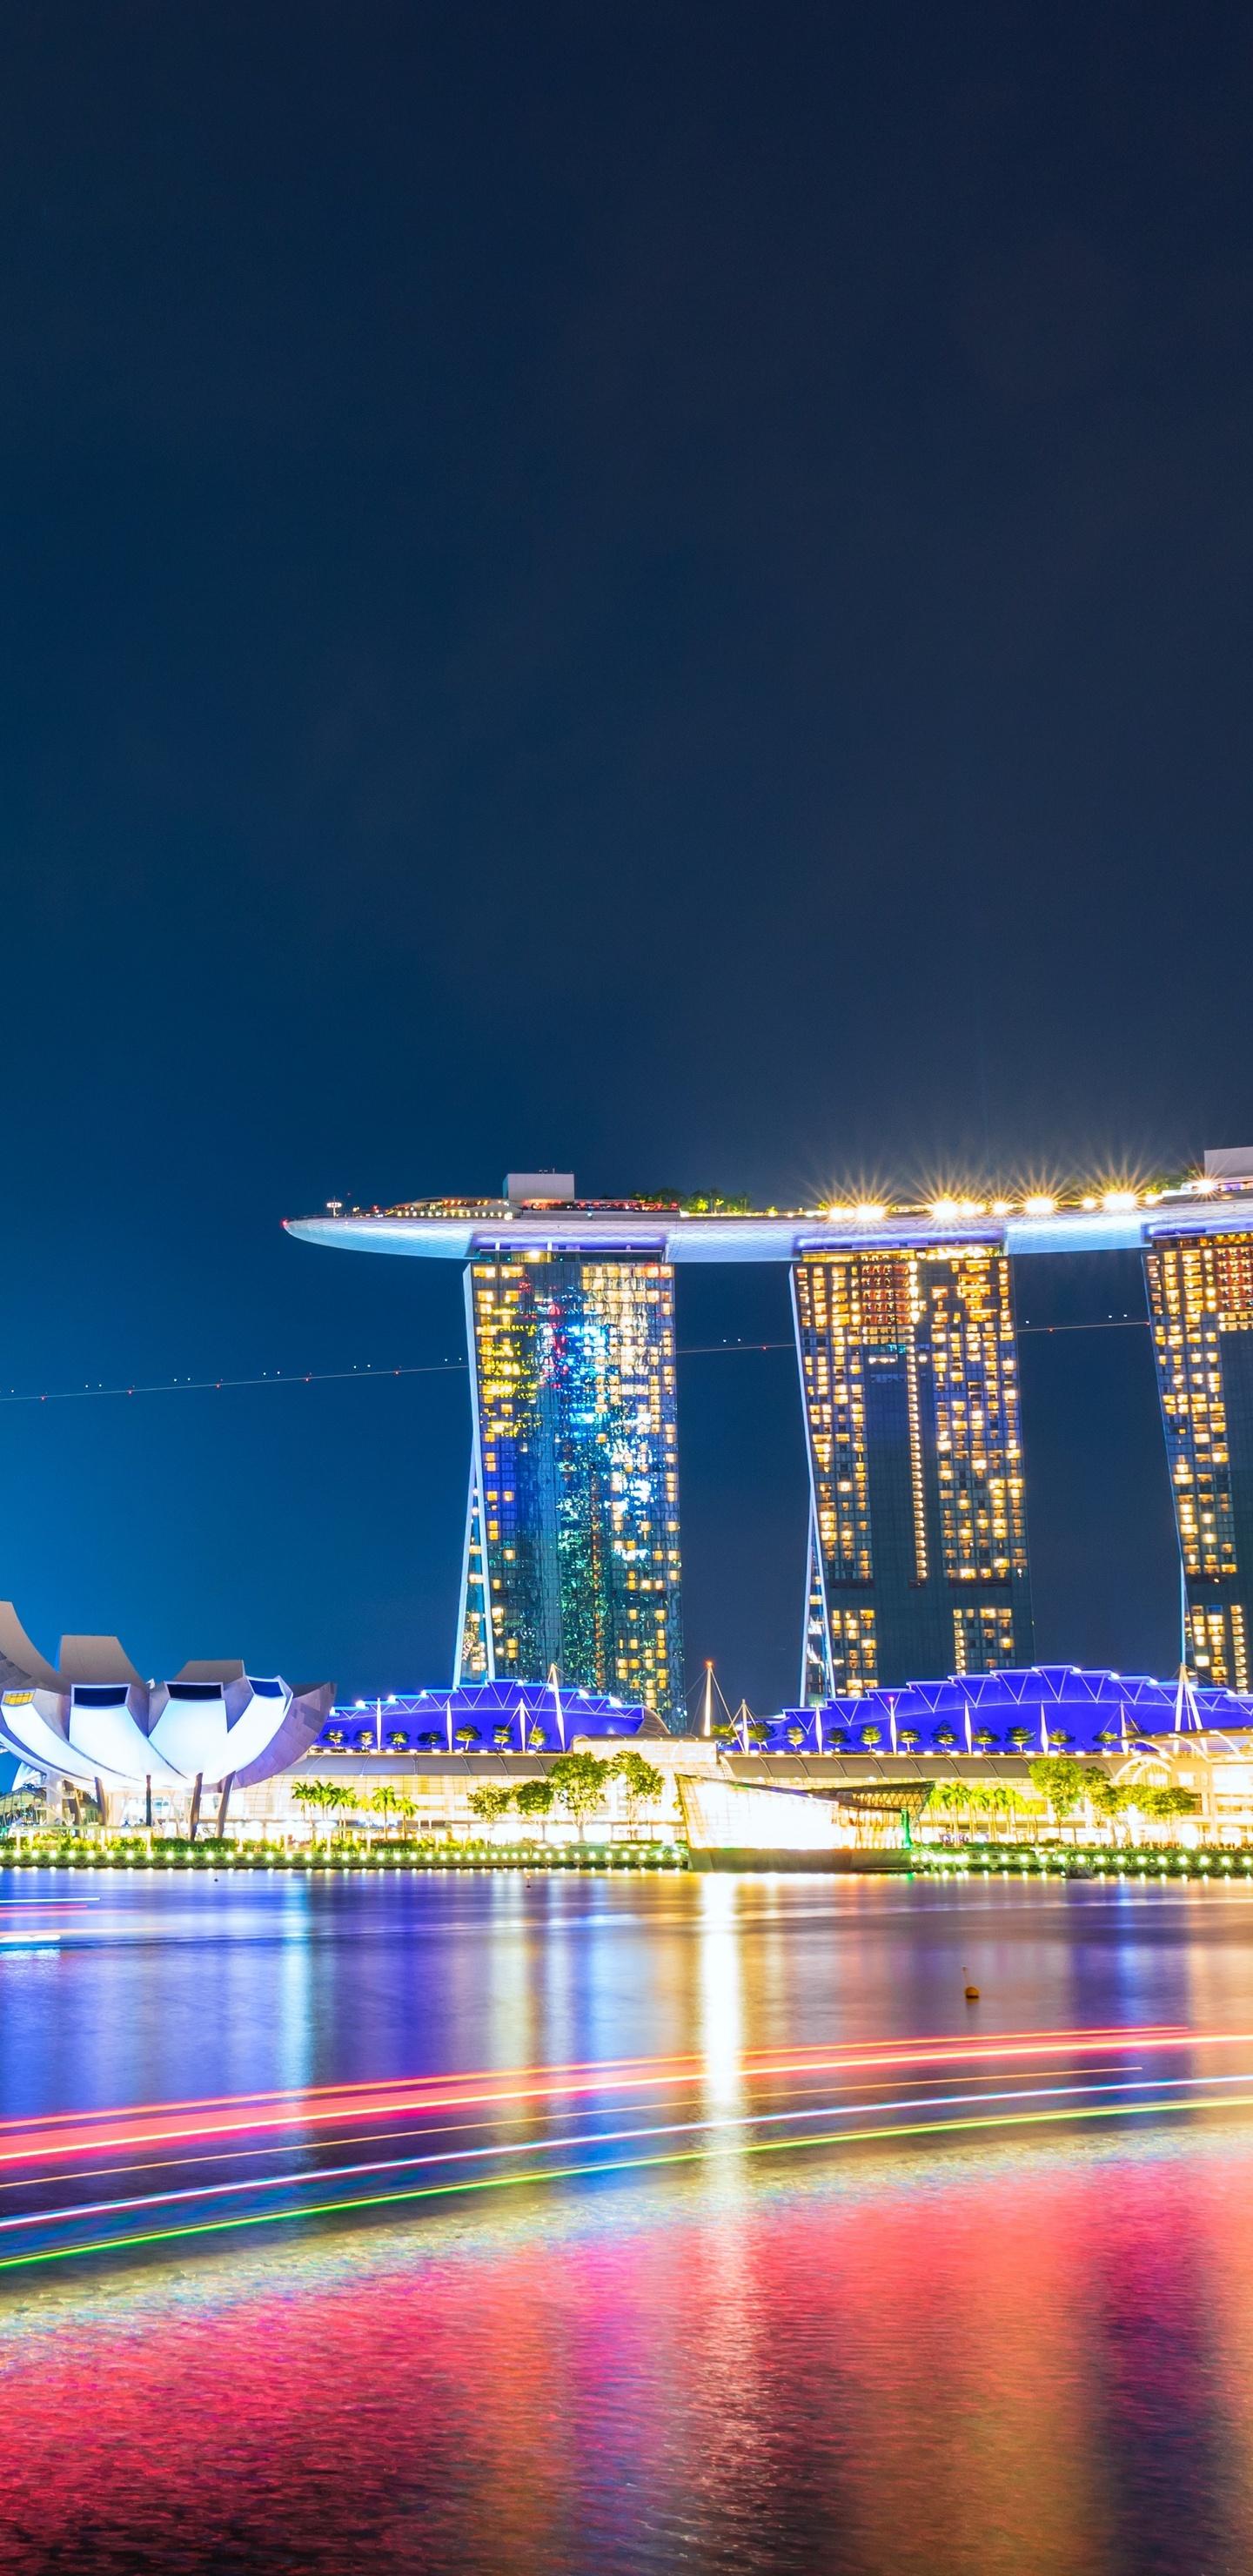 marina-bay-sands-singapore-5k-um.jpg